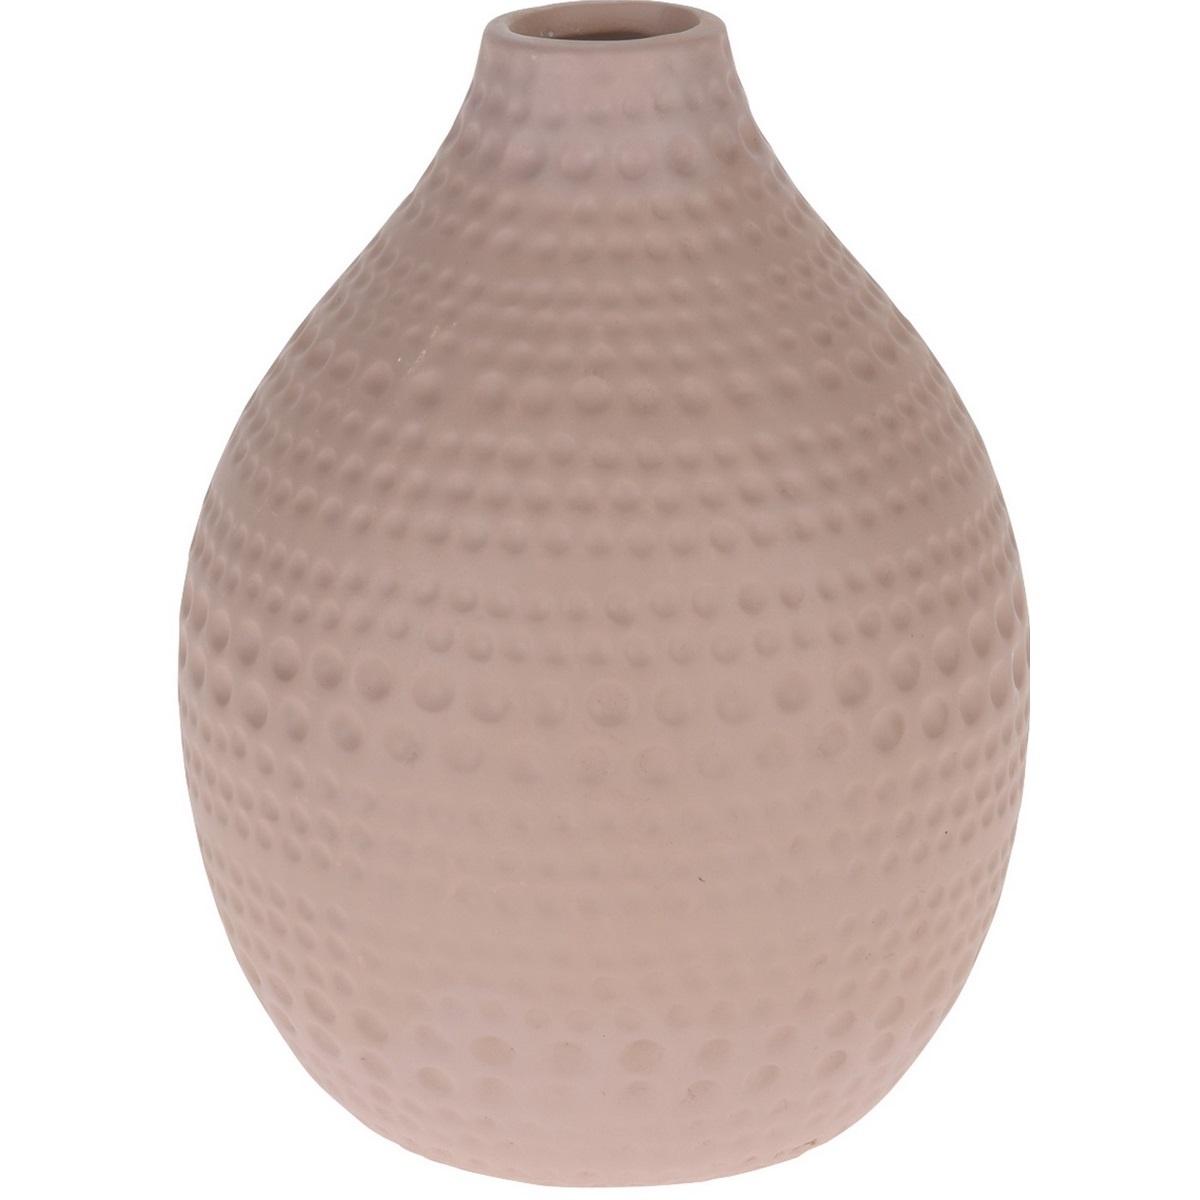 Koopman Keramická váza Asuan růžová, 17,5 cm